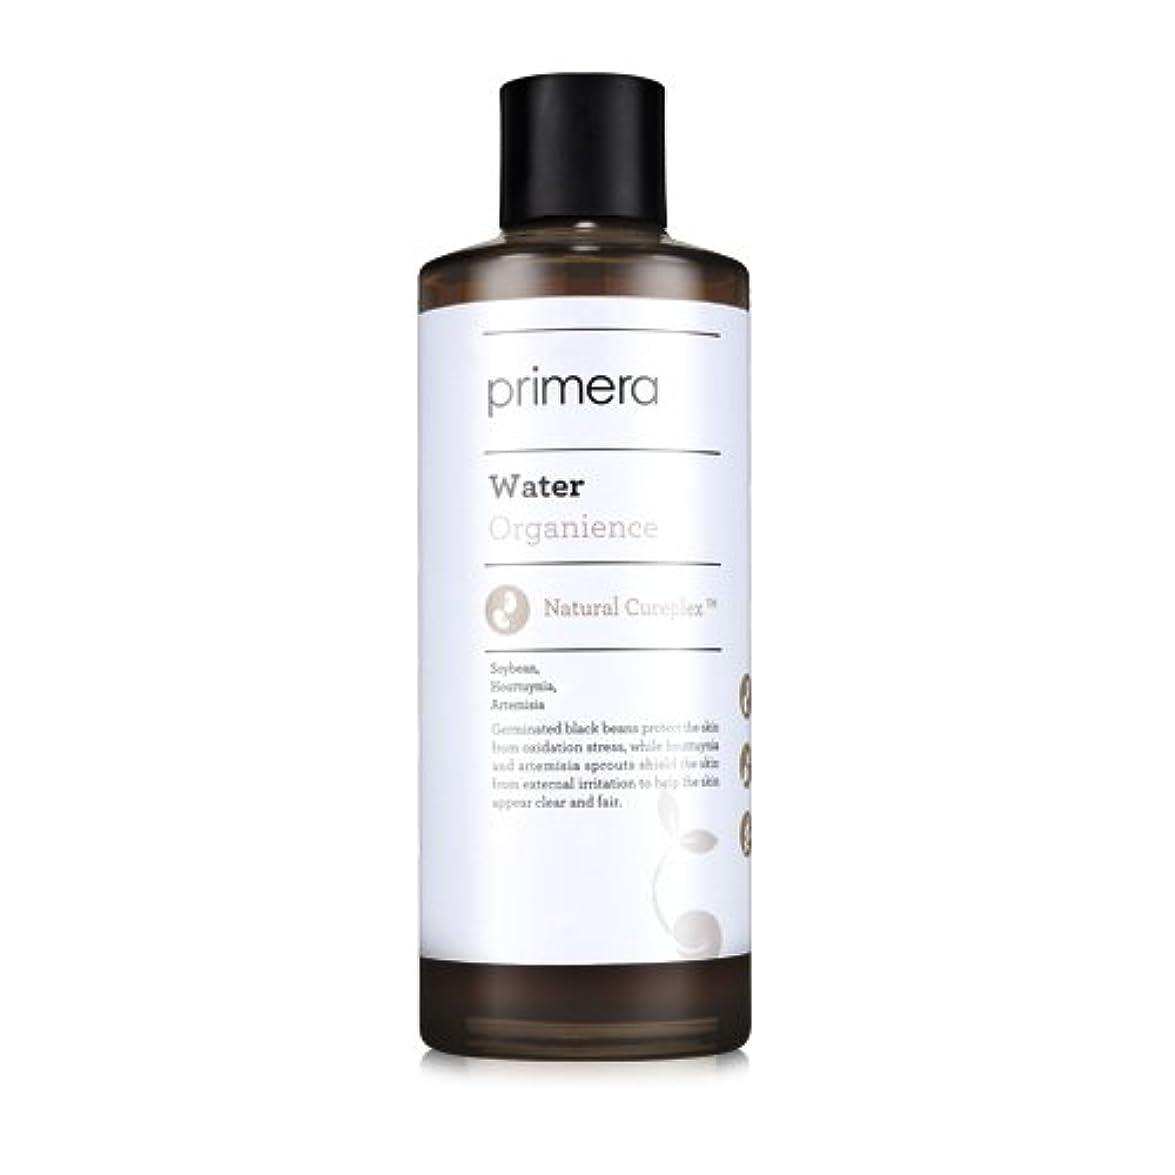 ベーカリー統治する吸収するPRIMERA プリメラ オーガニエンス エマルジョン(Organience Emulsion)乳液 150ml